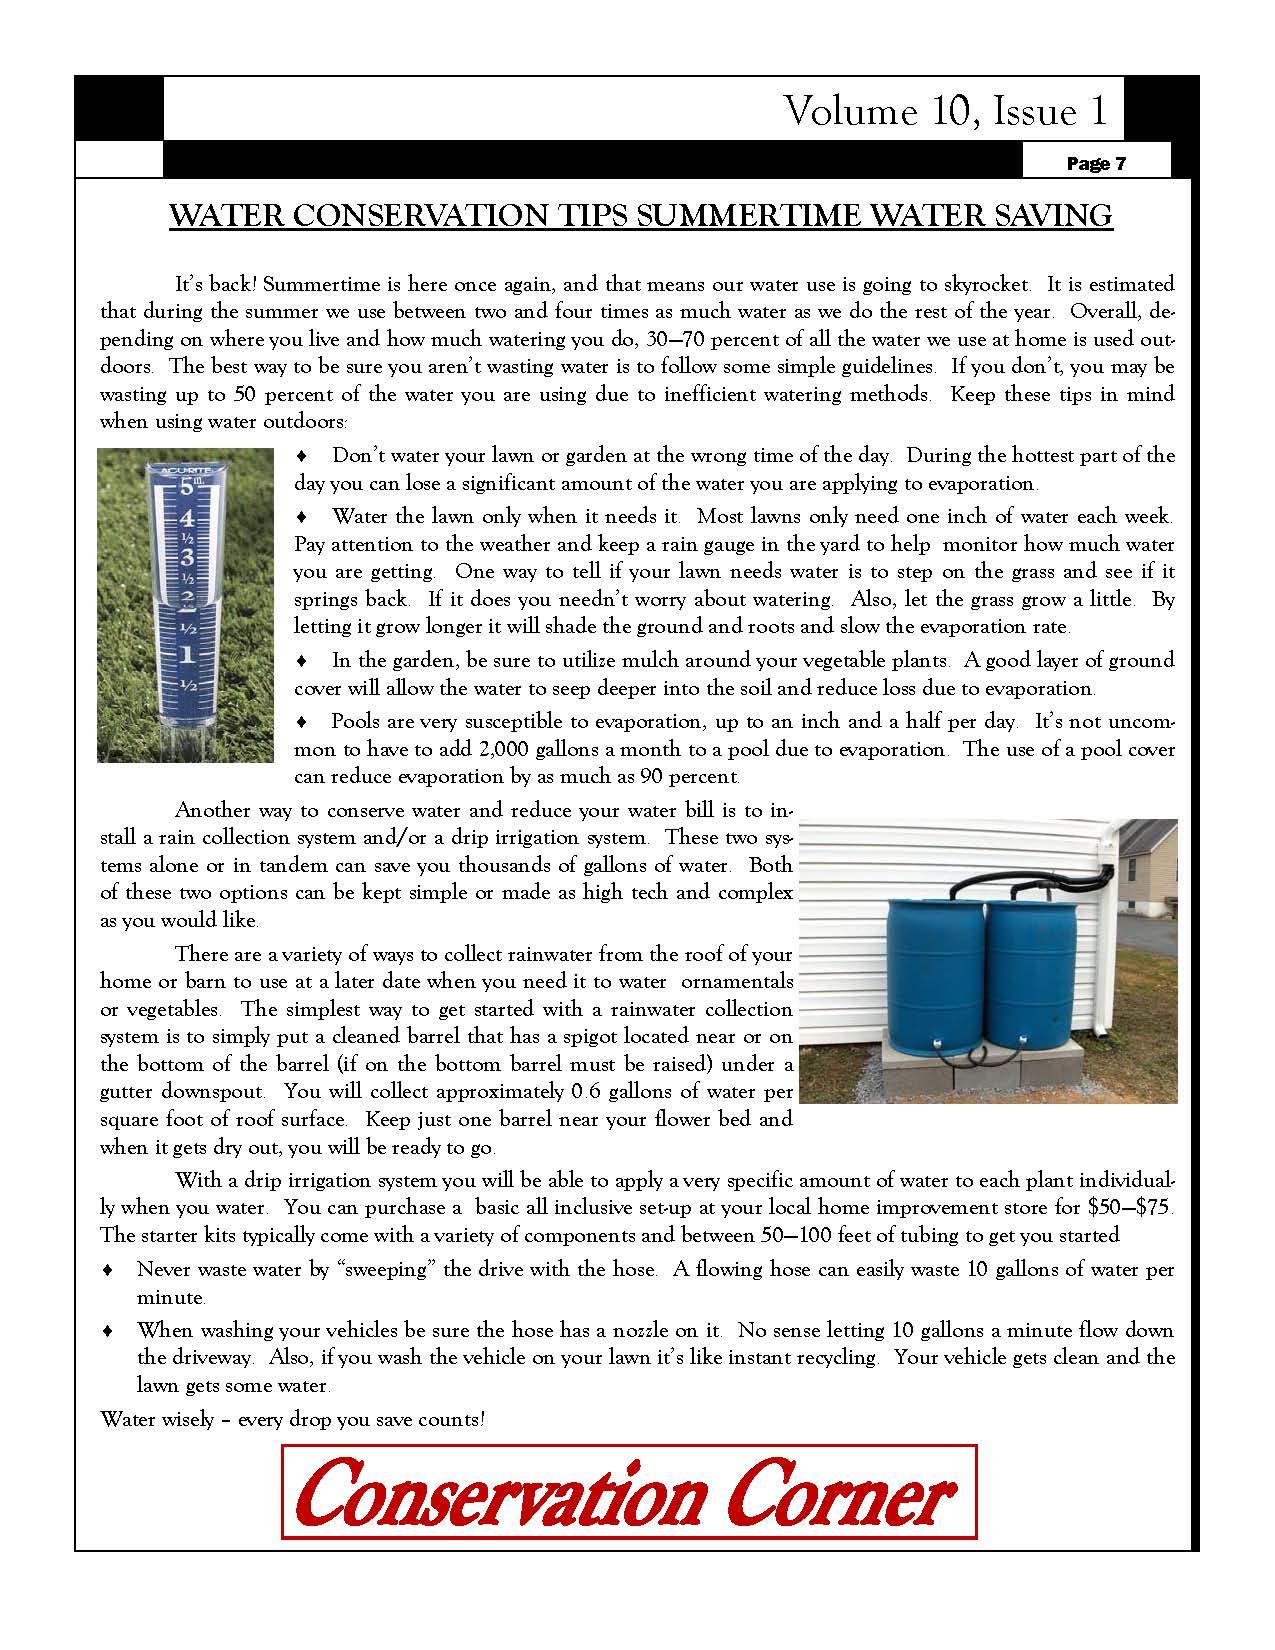 Summertime Water Saving